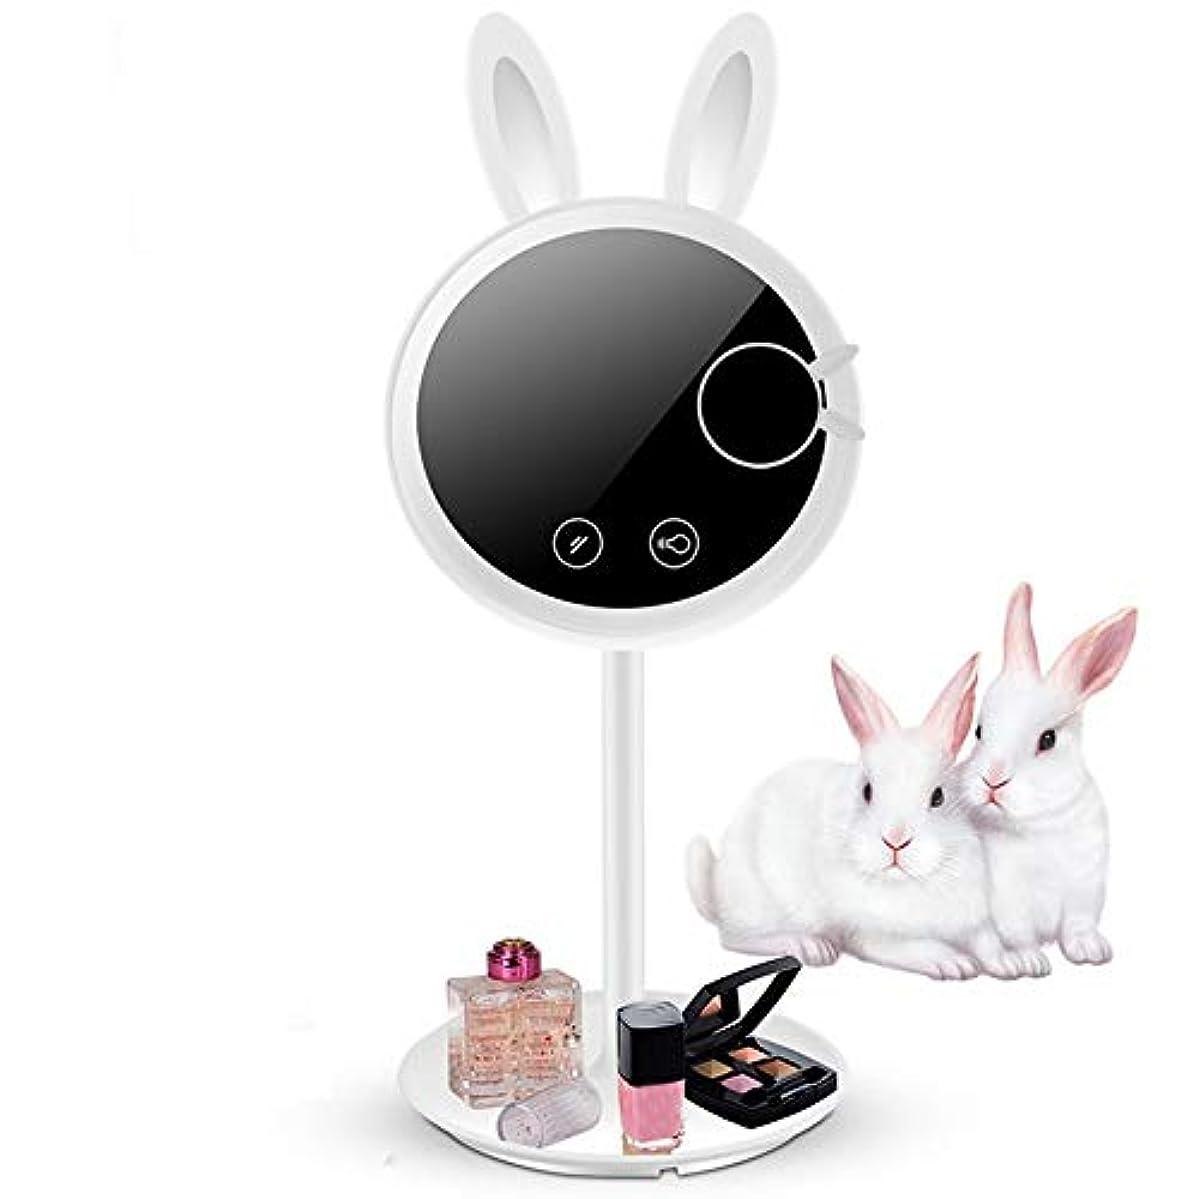 経度札入れレーダー流行の 新しいバニーLEDフィルライト化粧鏡と光インテリジェントフィルライトデスクトップ化粧鏡ABS小さなギフトホワイト